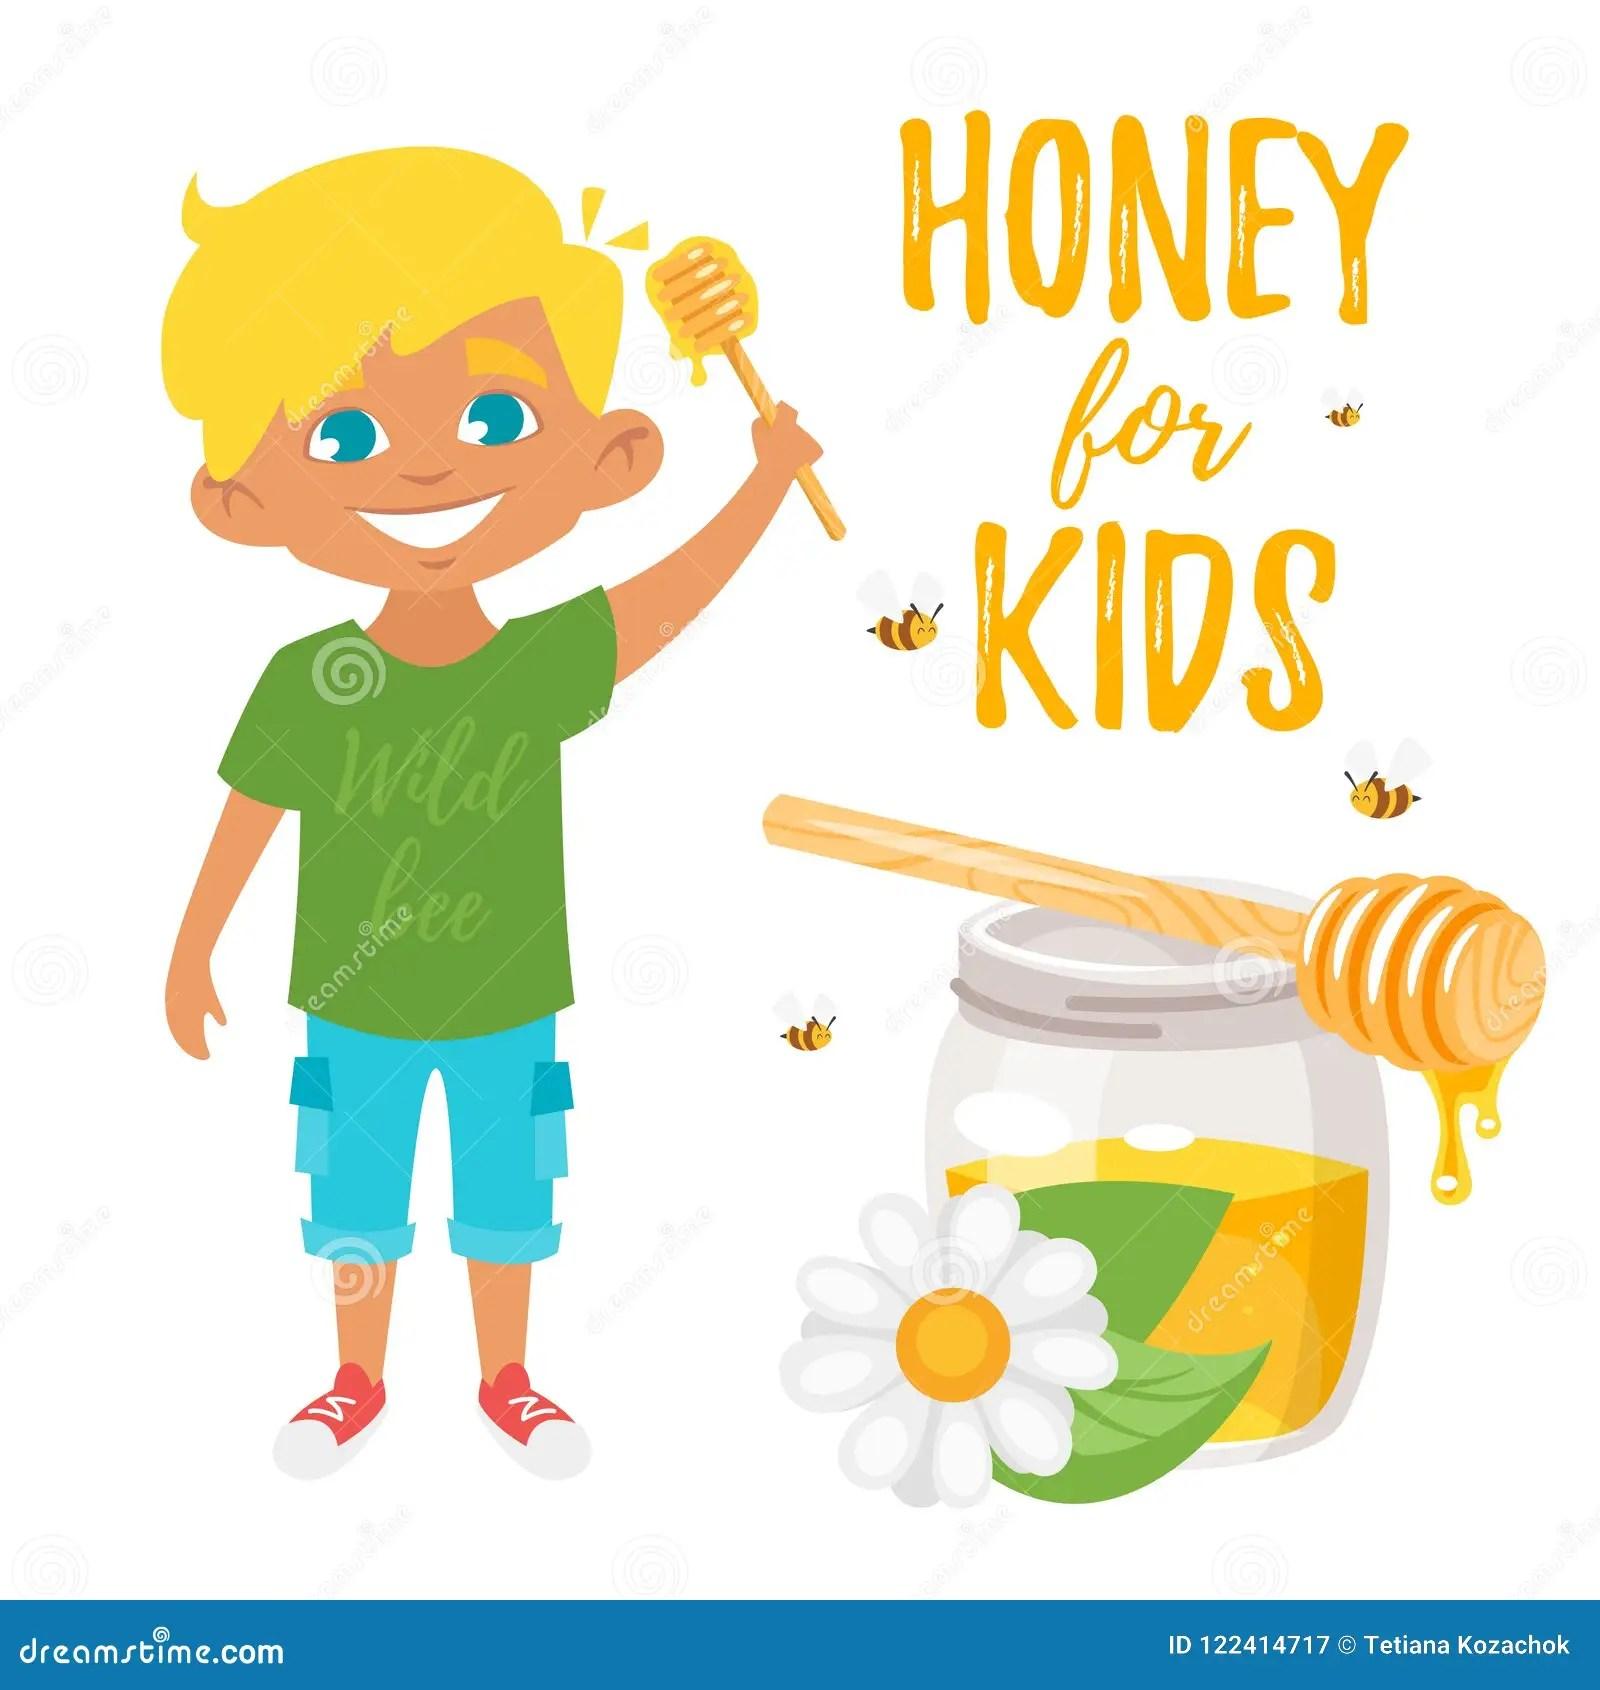 https fr dreamstime com miel l illustration d enfants image122414717